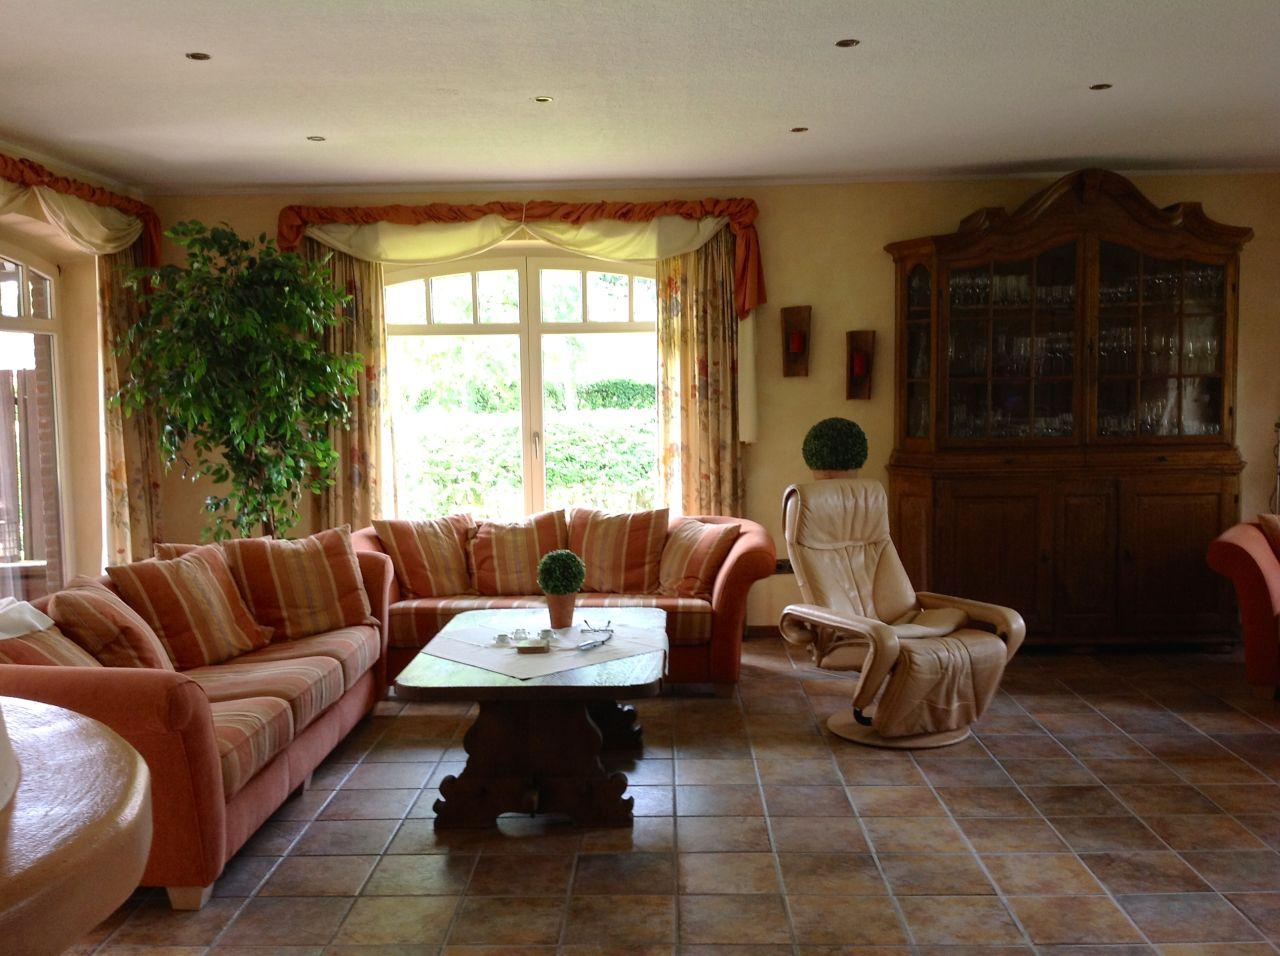 mk-projekte.de - Renovierung Wohnzimmer